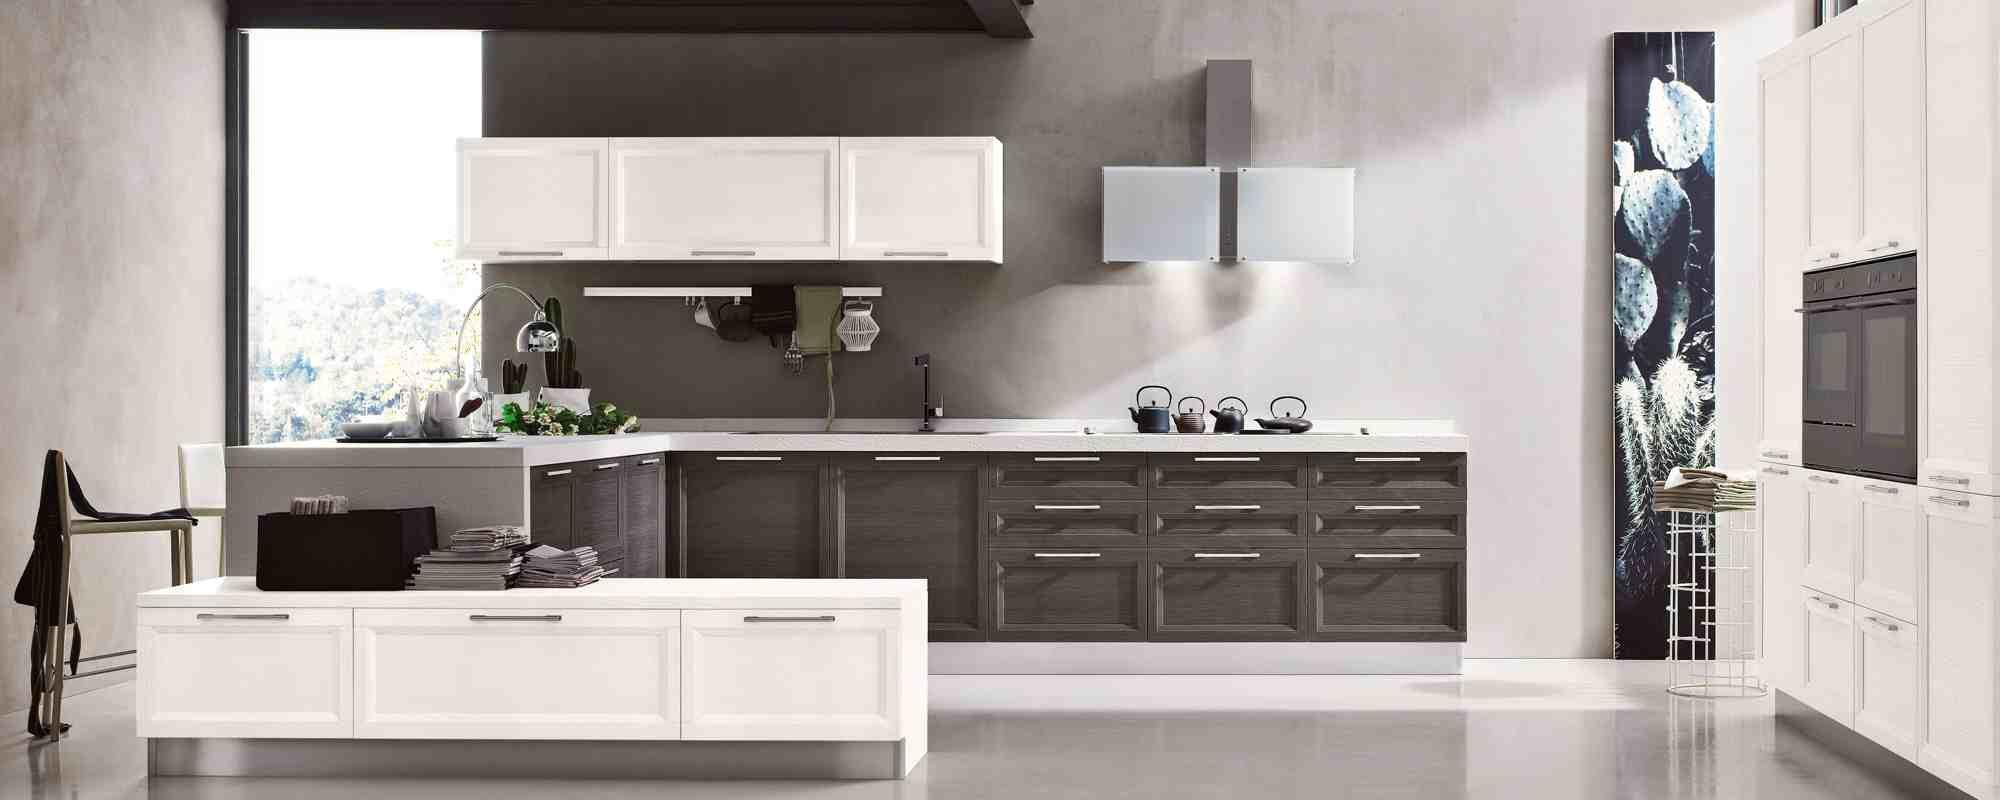 Cucina Laccata Bianca | Cucina Bianca Opaca